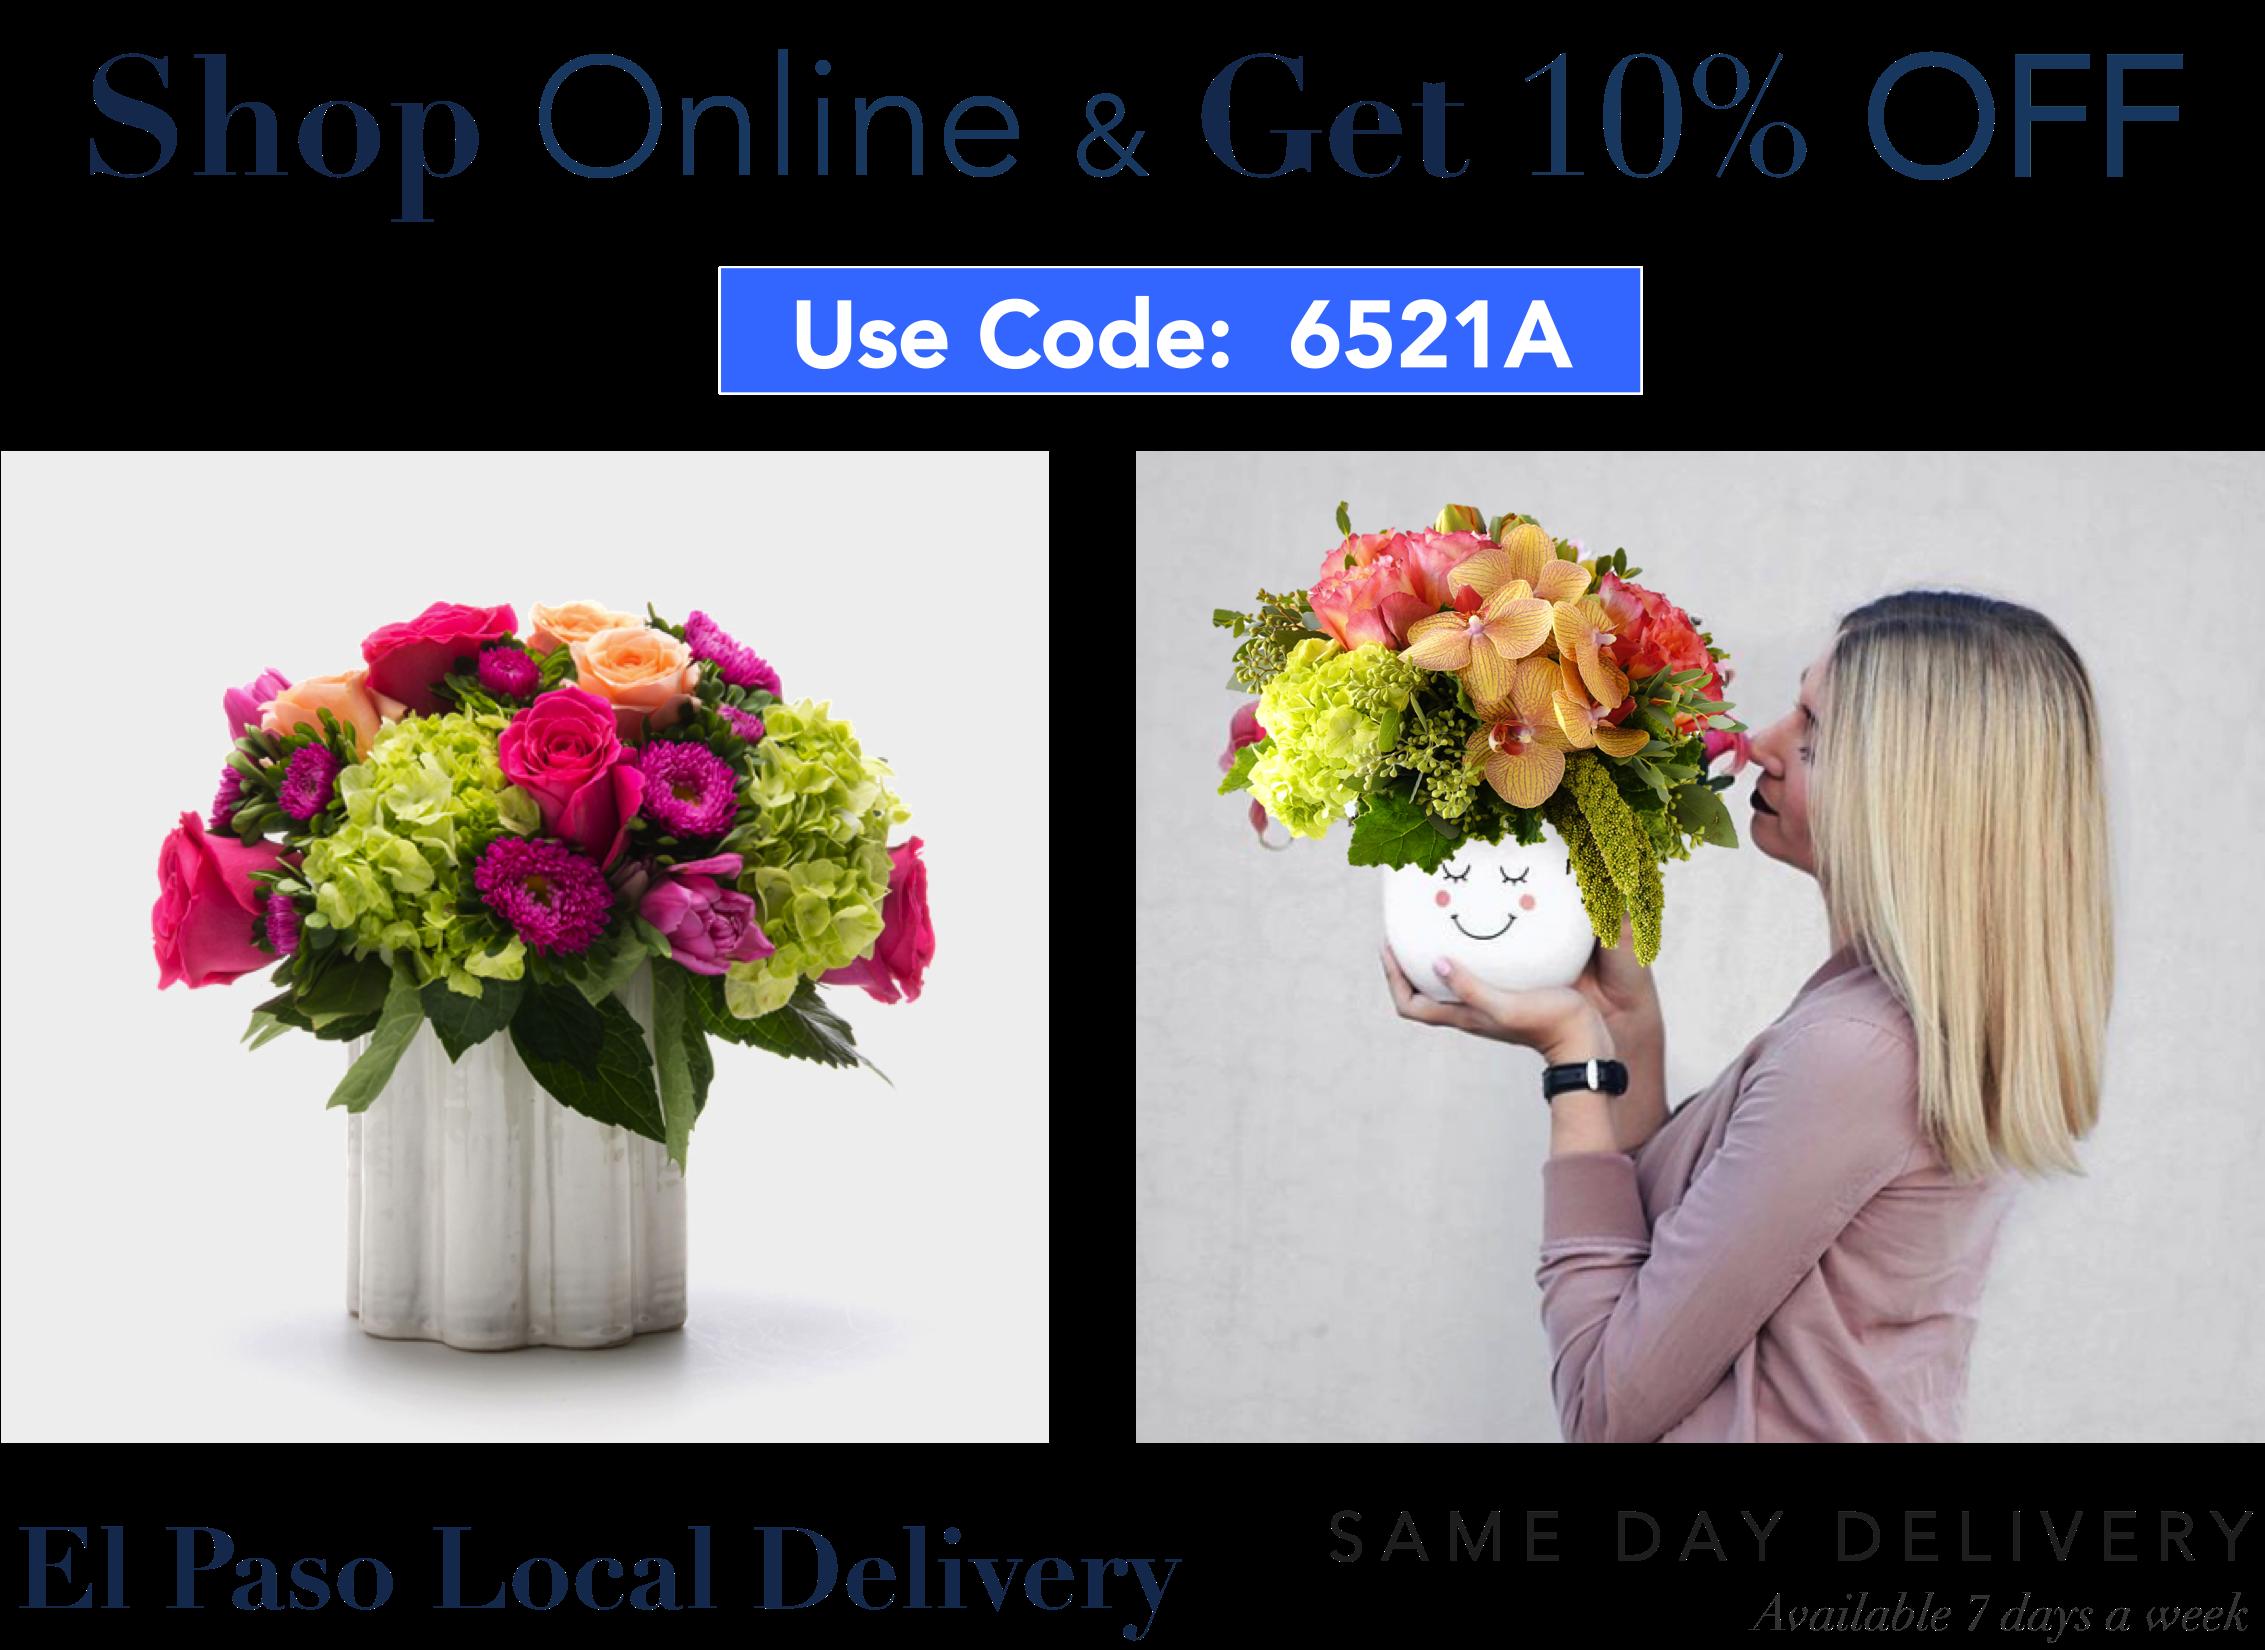 01-angies-1-floral-designs-designs-flowers-shop-flowershops-flowershop-79912-el-paso-florist-79912.png